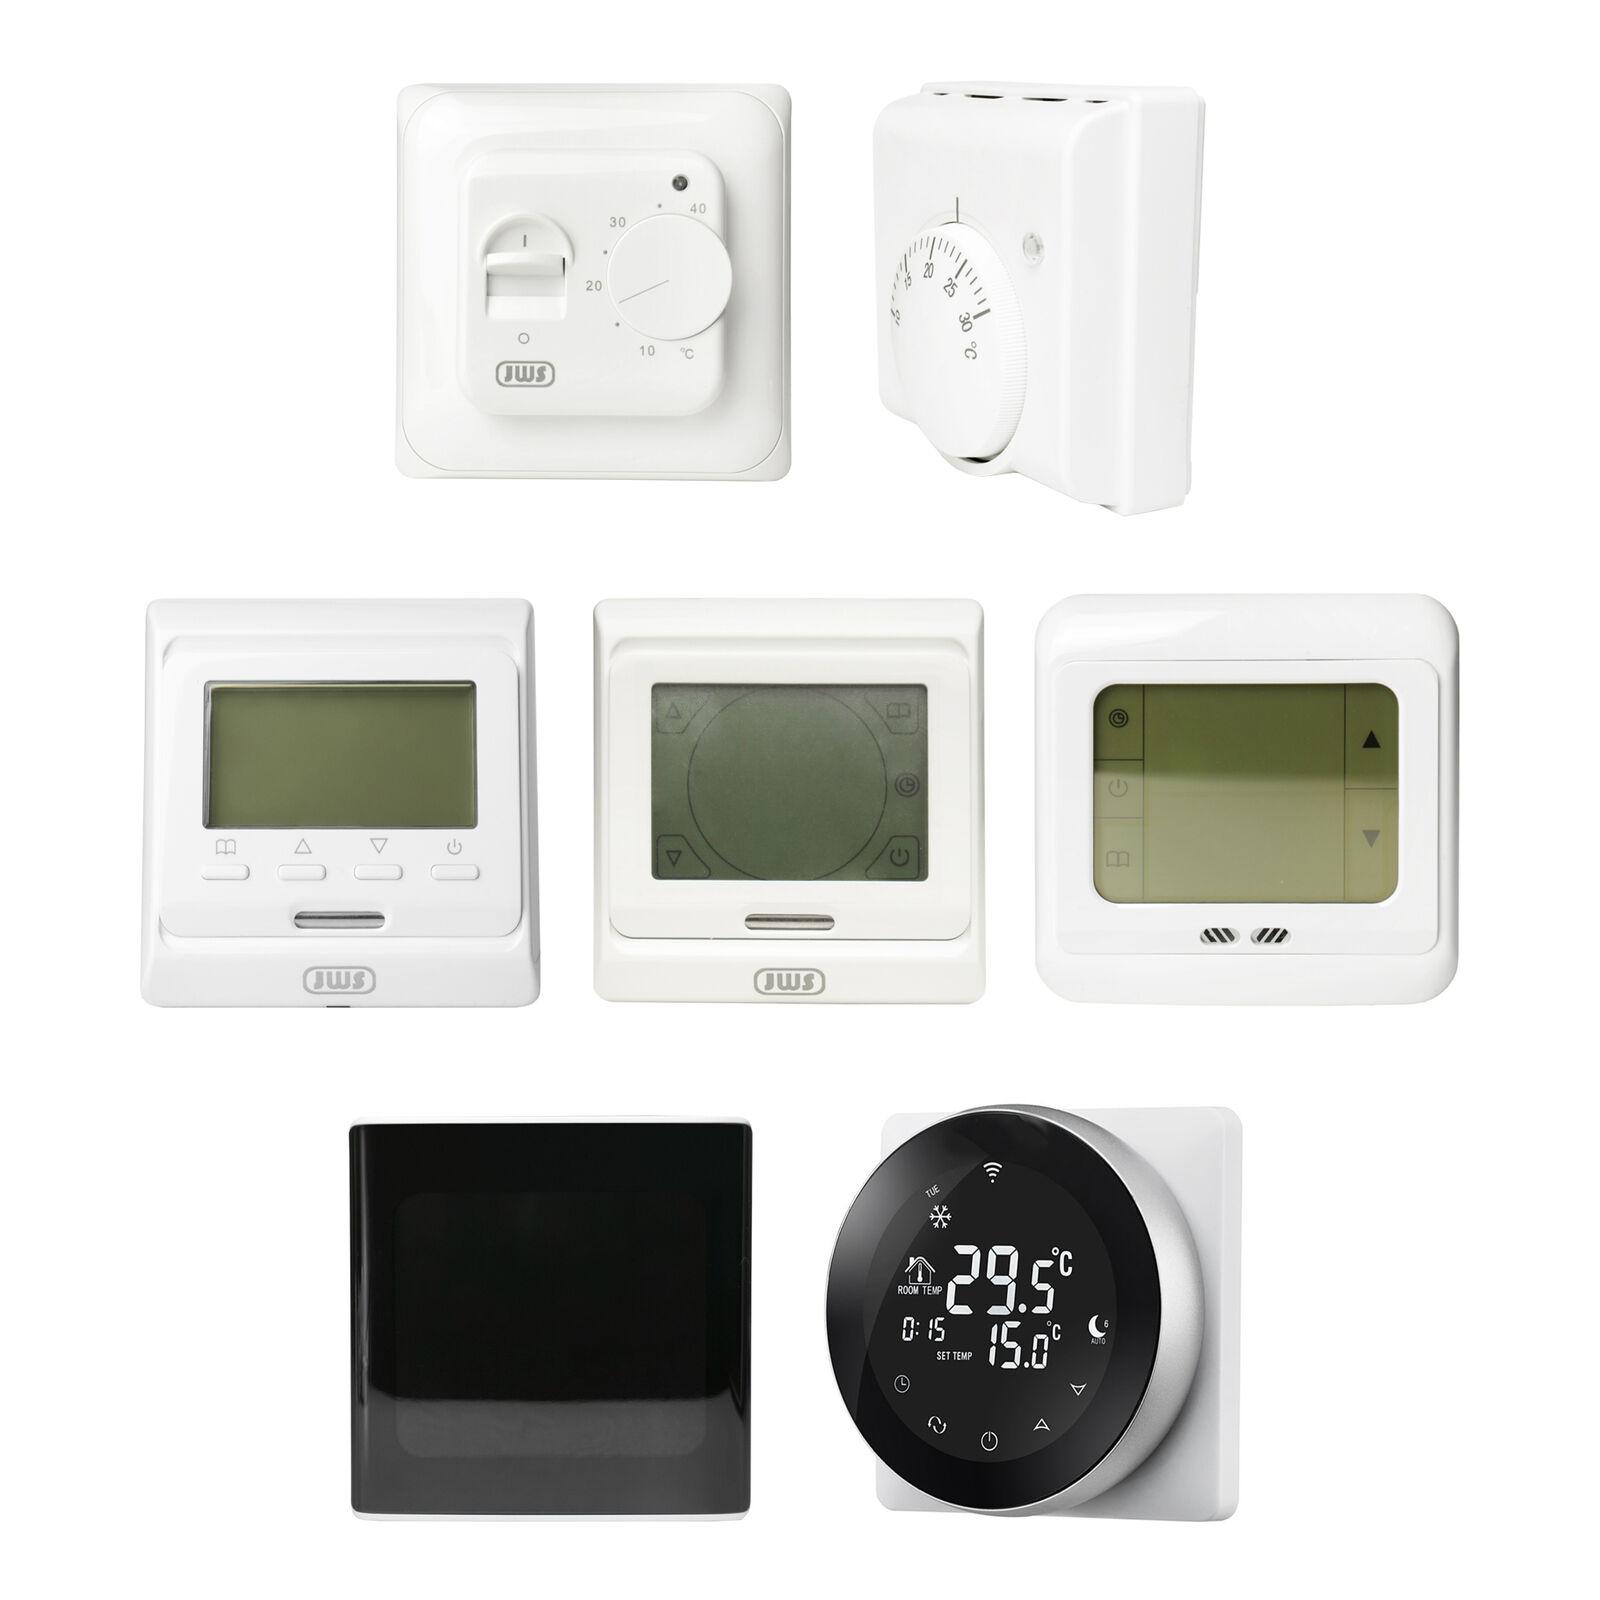 Digital Thermostat Raumthermostat Aufputz Unterputz programmierbar C17.GH3 new